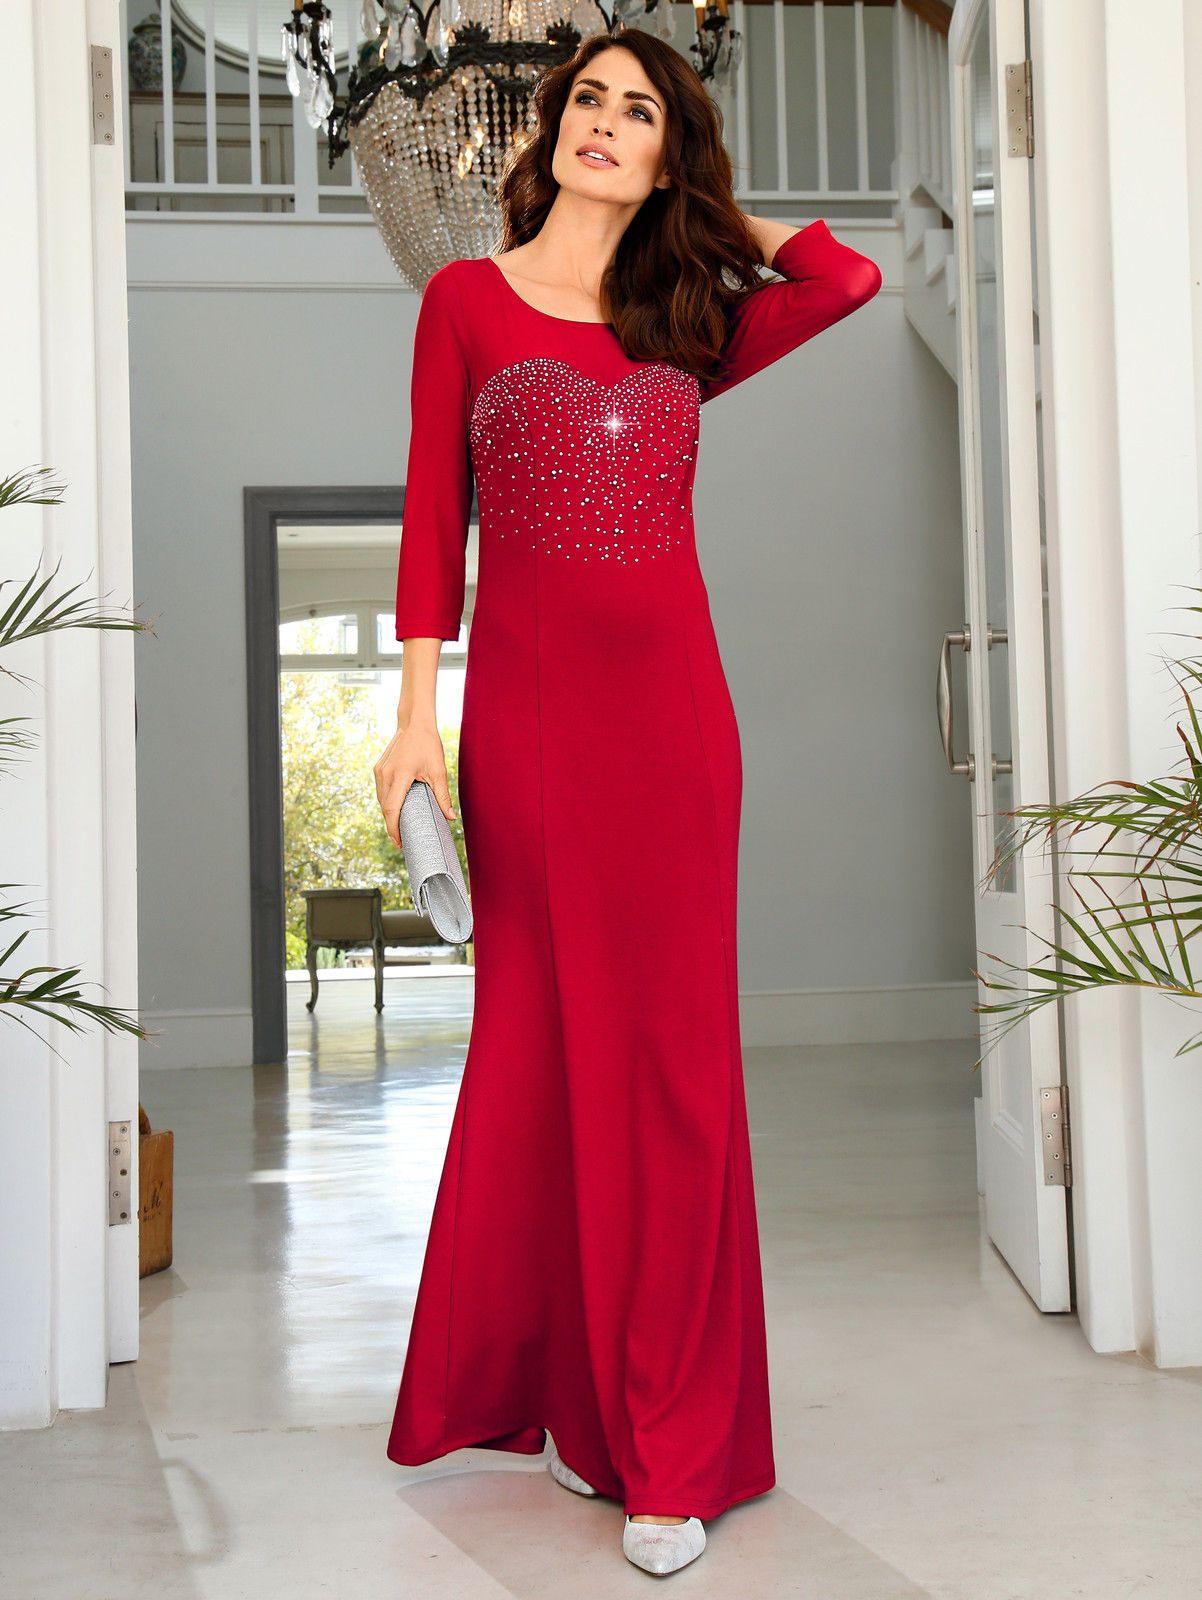 Perfekt Klingel Abend Kleid für 2019 Schön Klingel Abend Kleid Ärmel